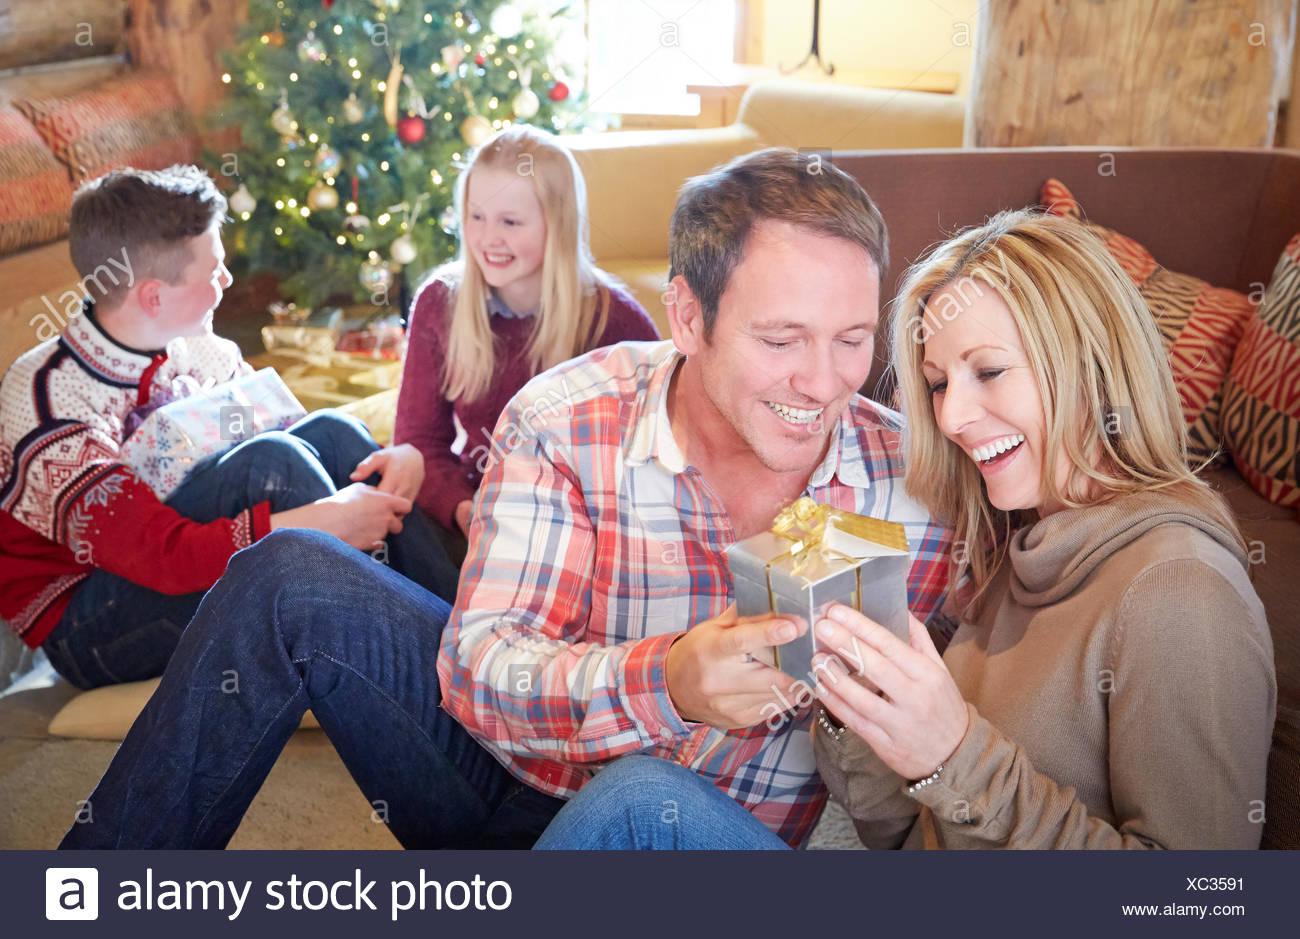 Familie Austausch von Geschenken zu Weihnachten Stockfoto, Bild ...